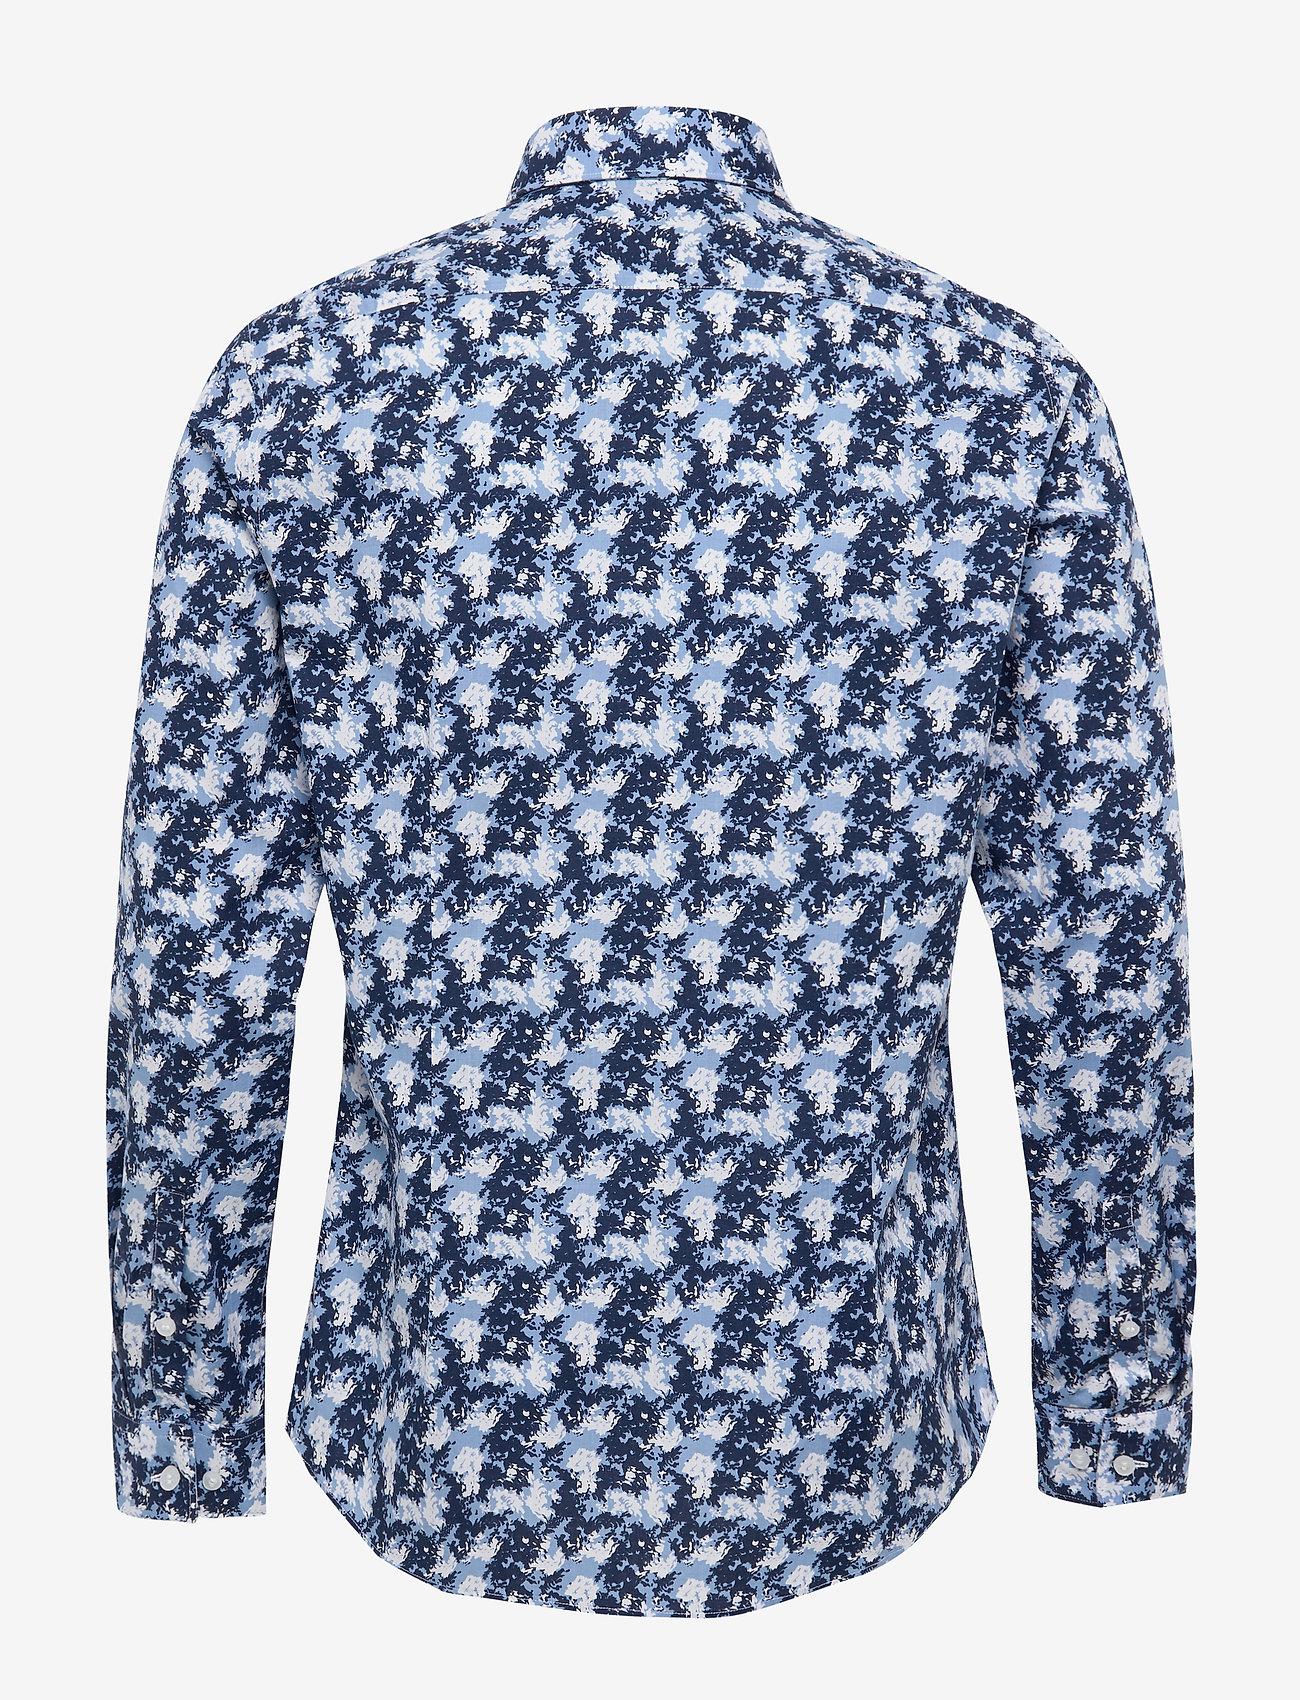 Washed Camo Printed Slim Shirt (Blue) - Calvin Klein UmuhwV